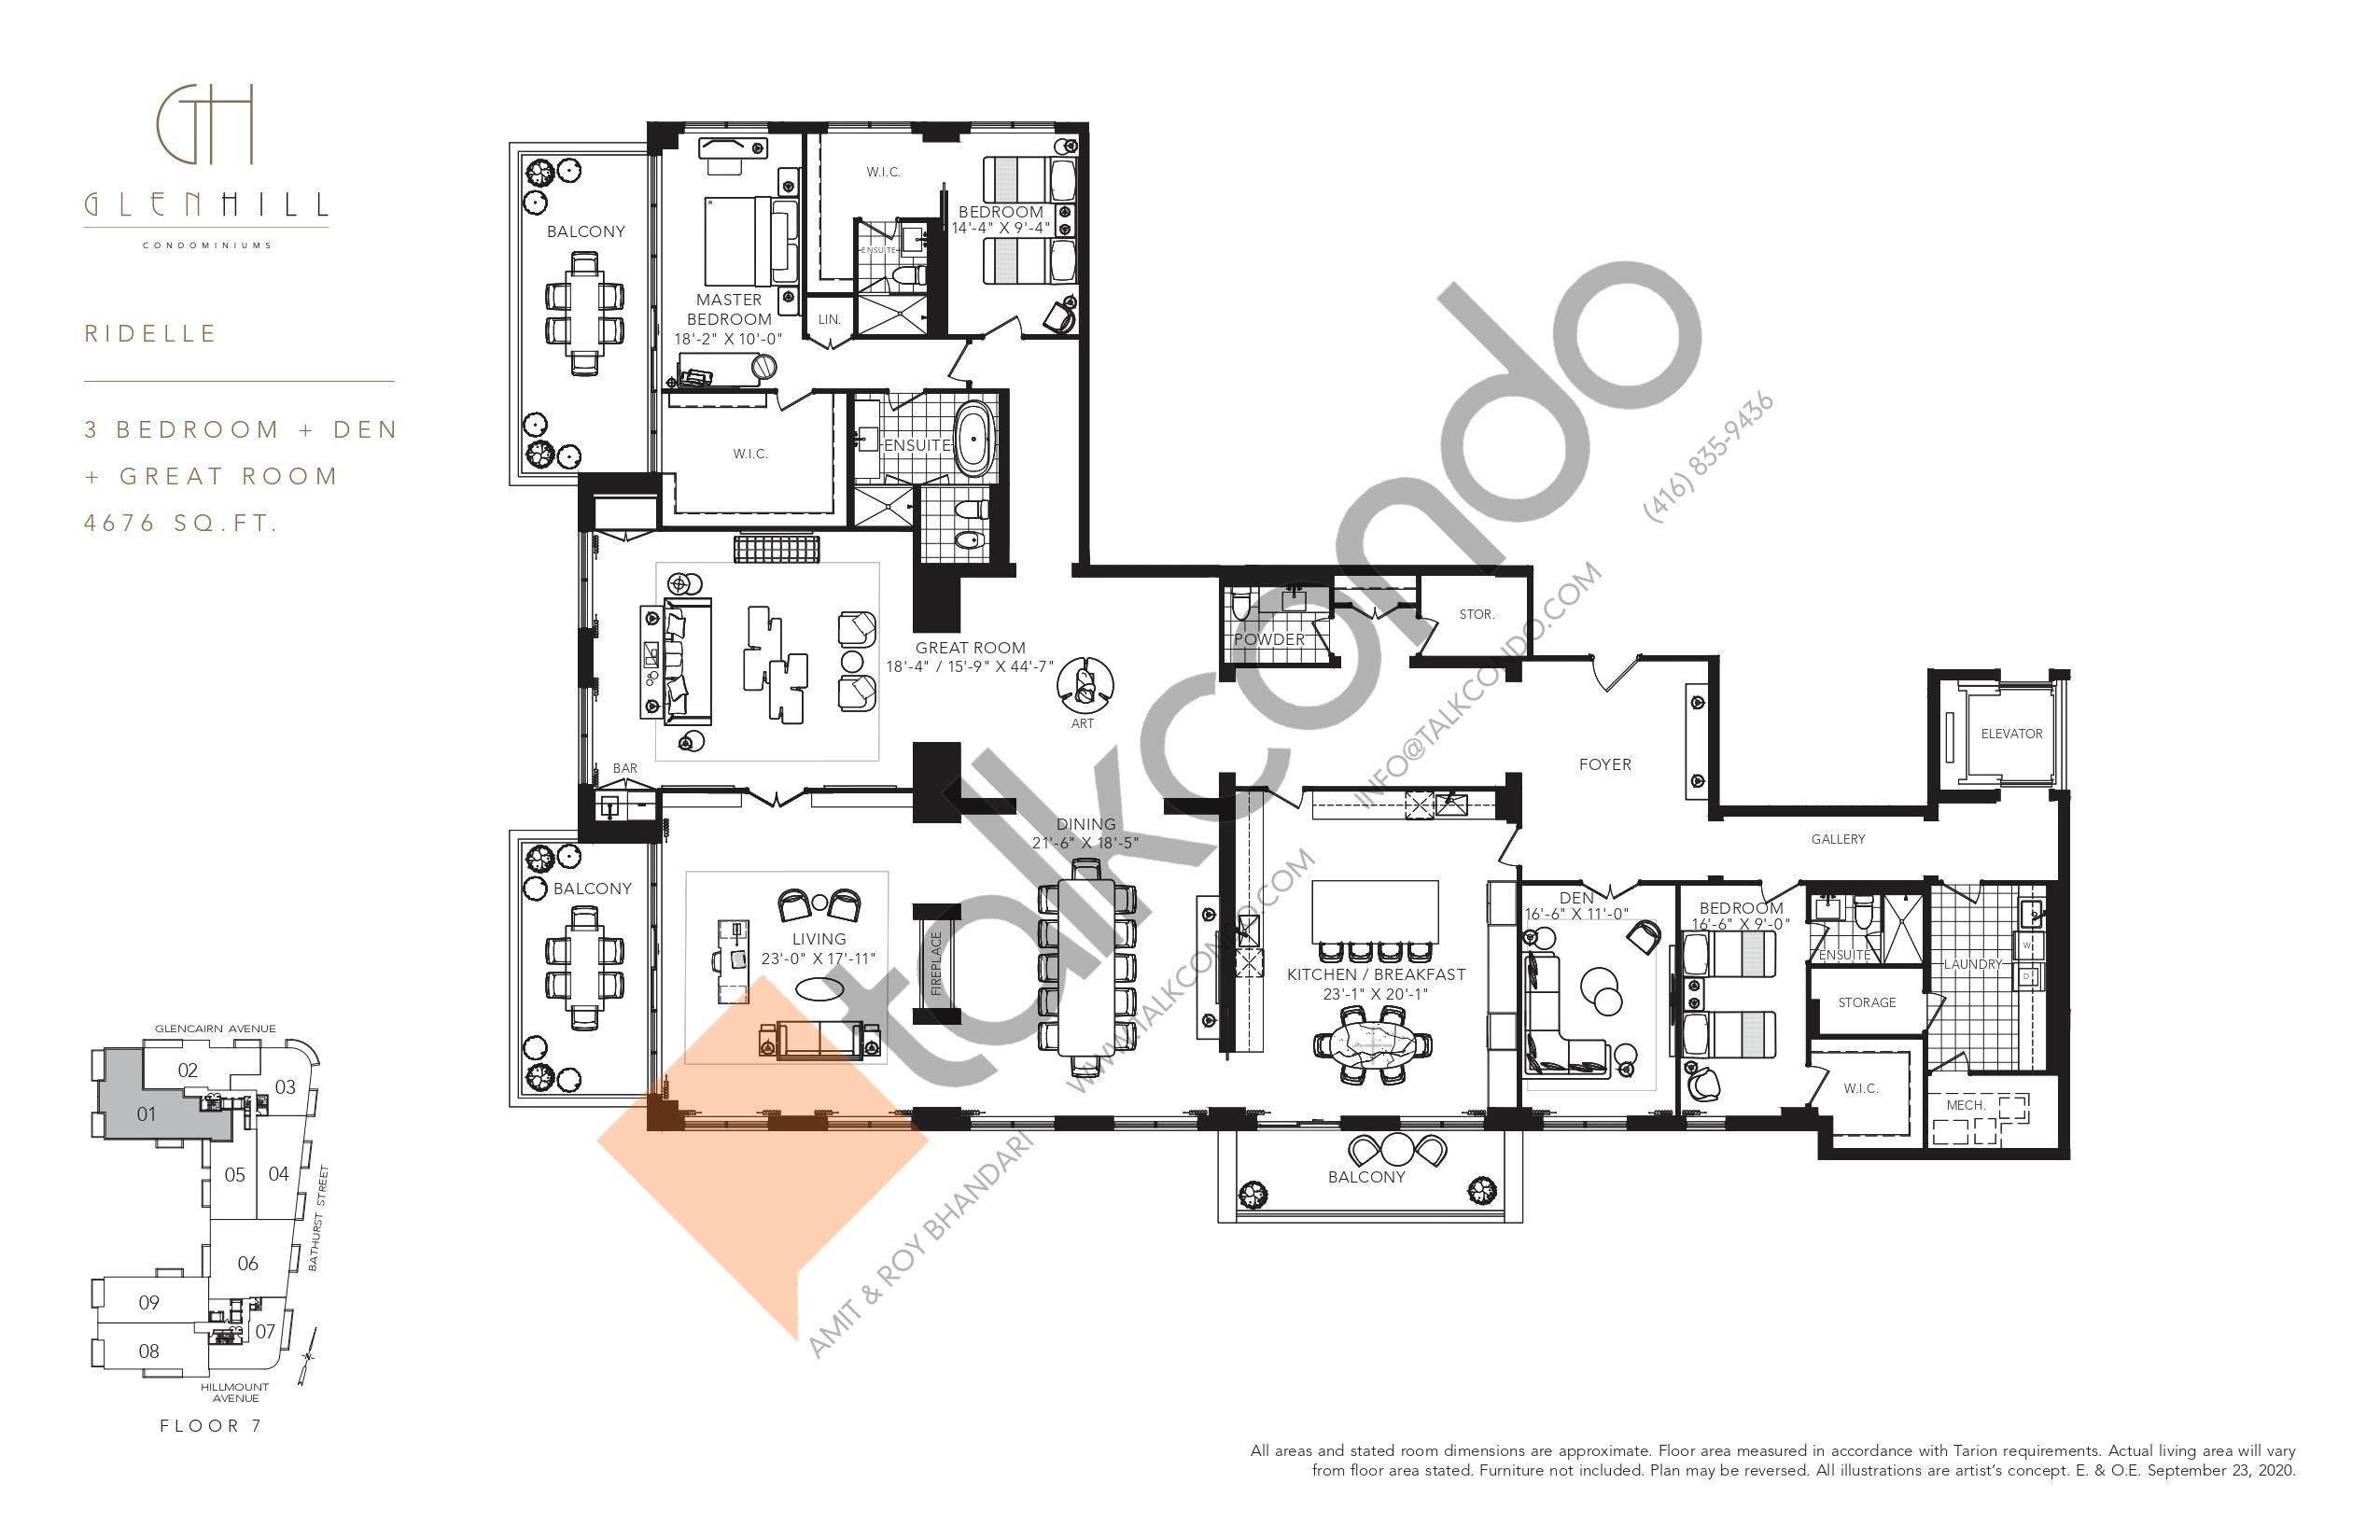 Ridelle Floor Plan at Glen Hill Condos - 4676 sq.ft